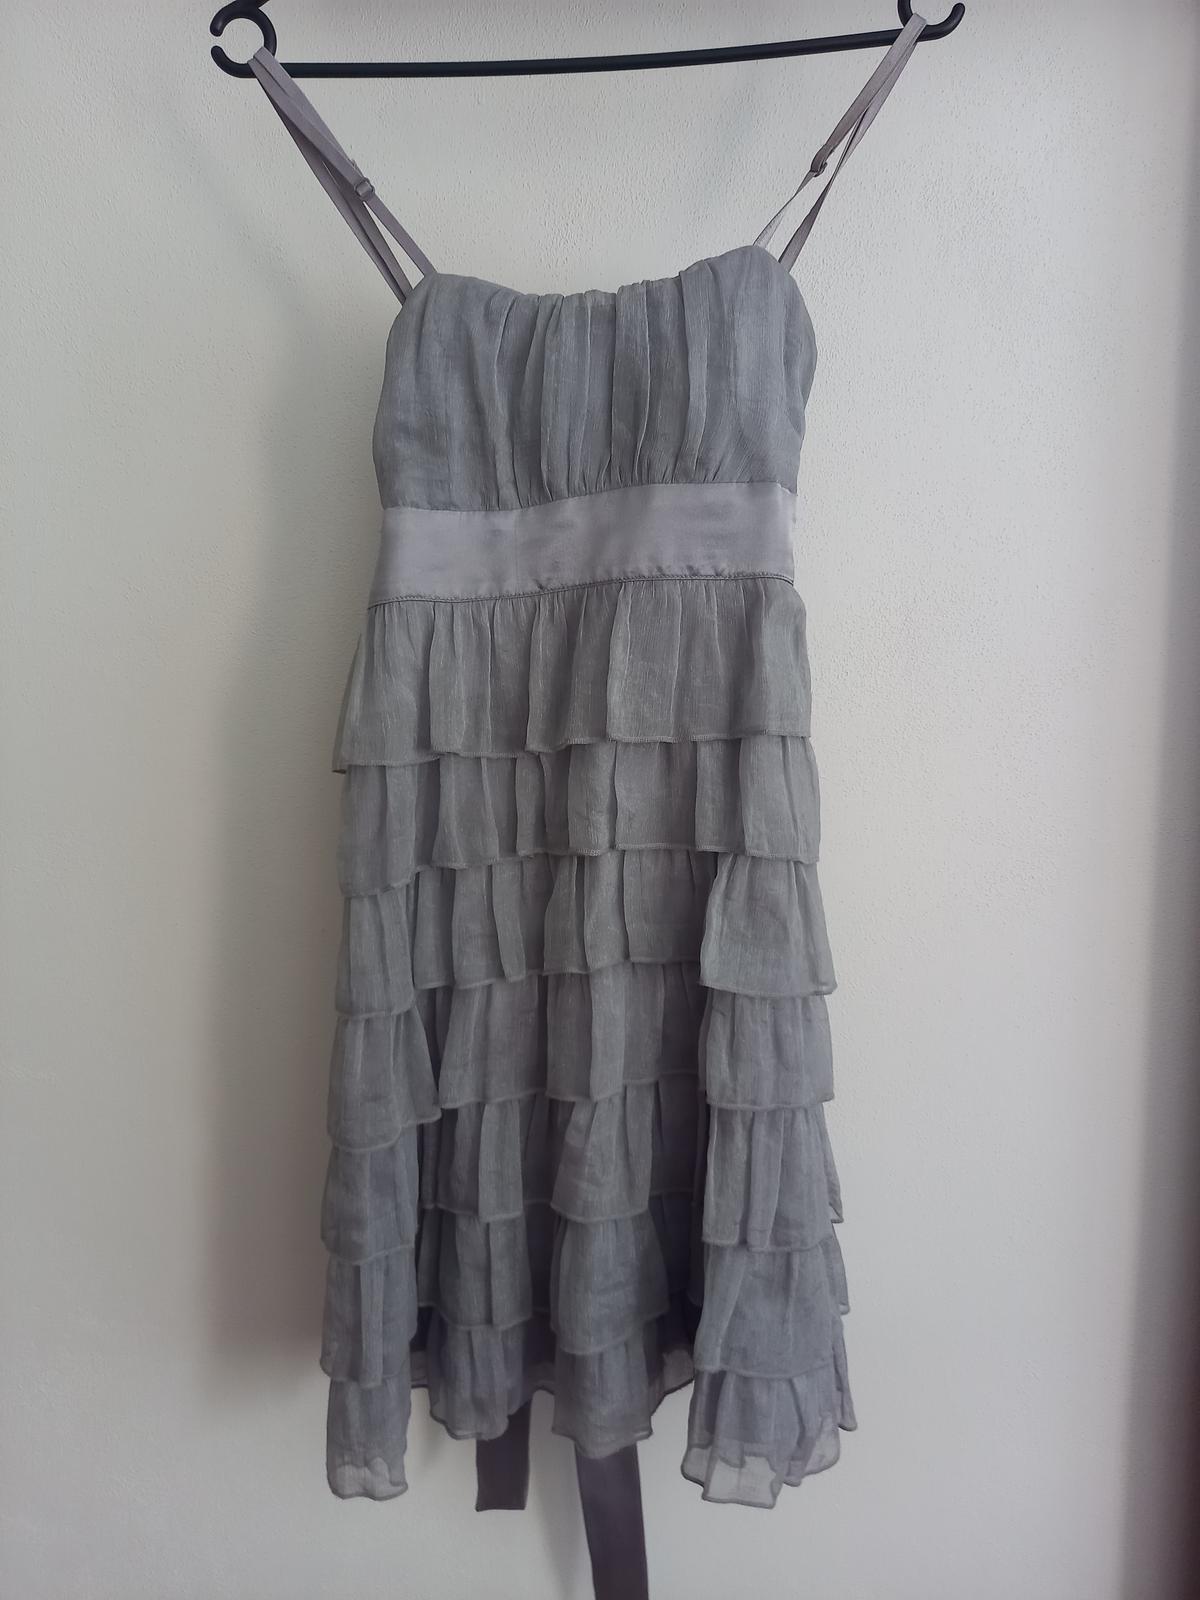 stribrnosede šaty - Obrázek č. 1